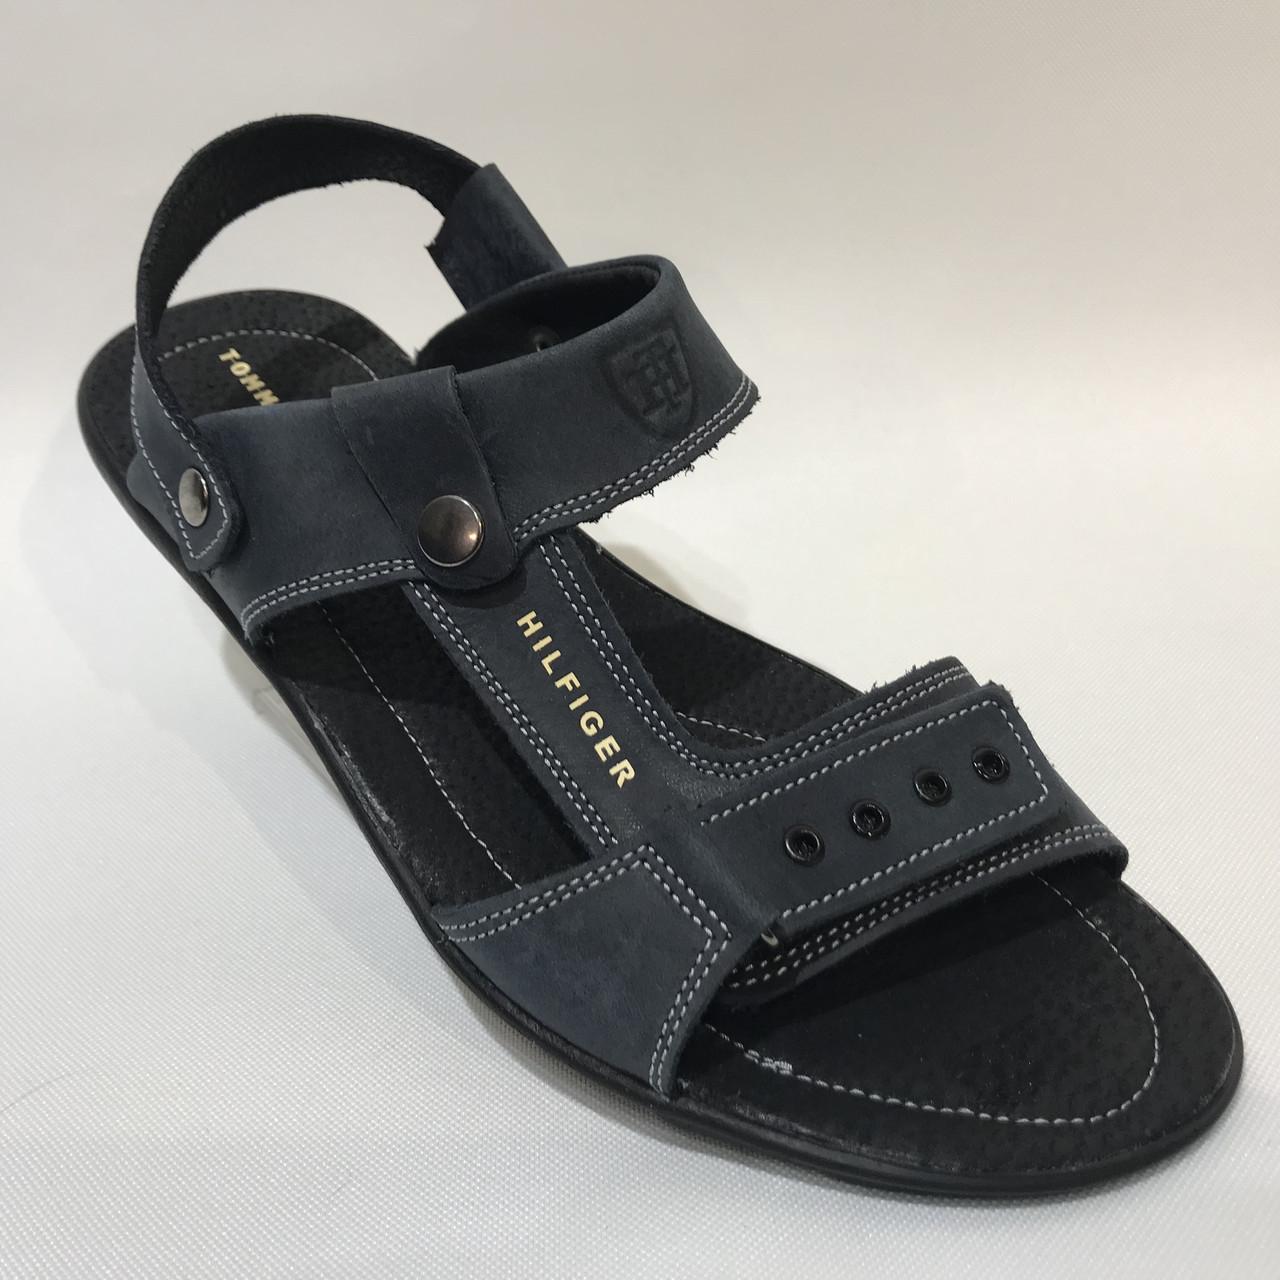 Мужские кожаные сандалии в стиле Tommy Hilfiger 41, 44, 45